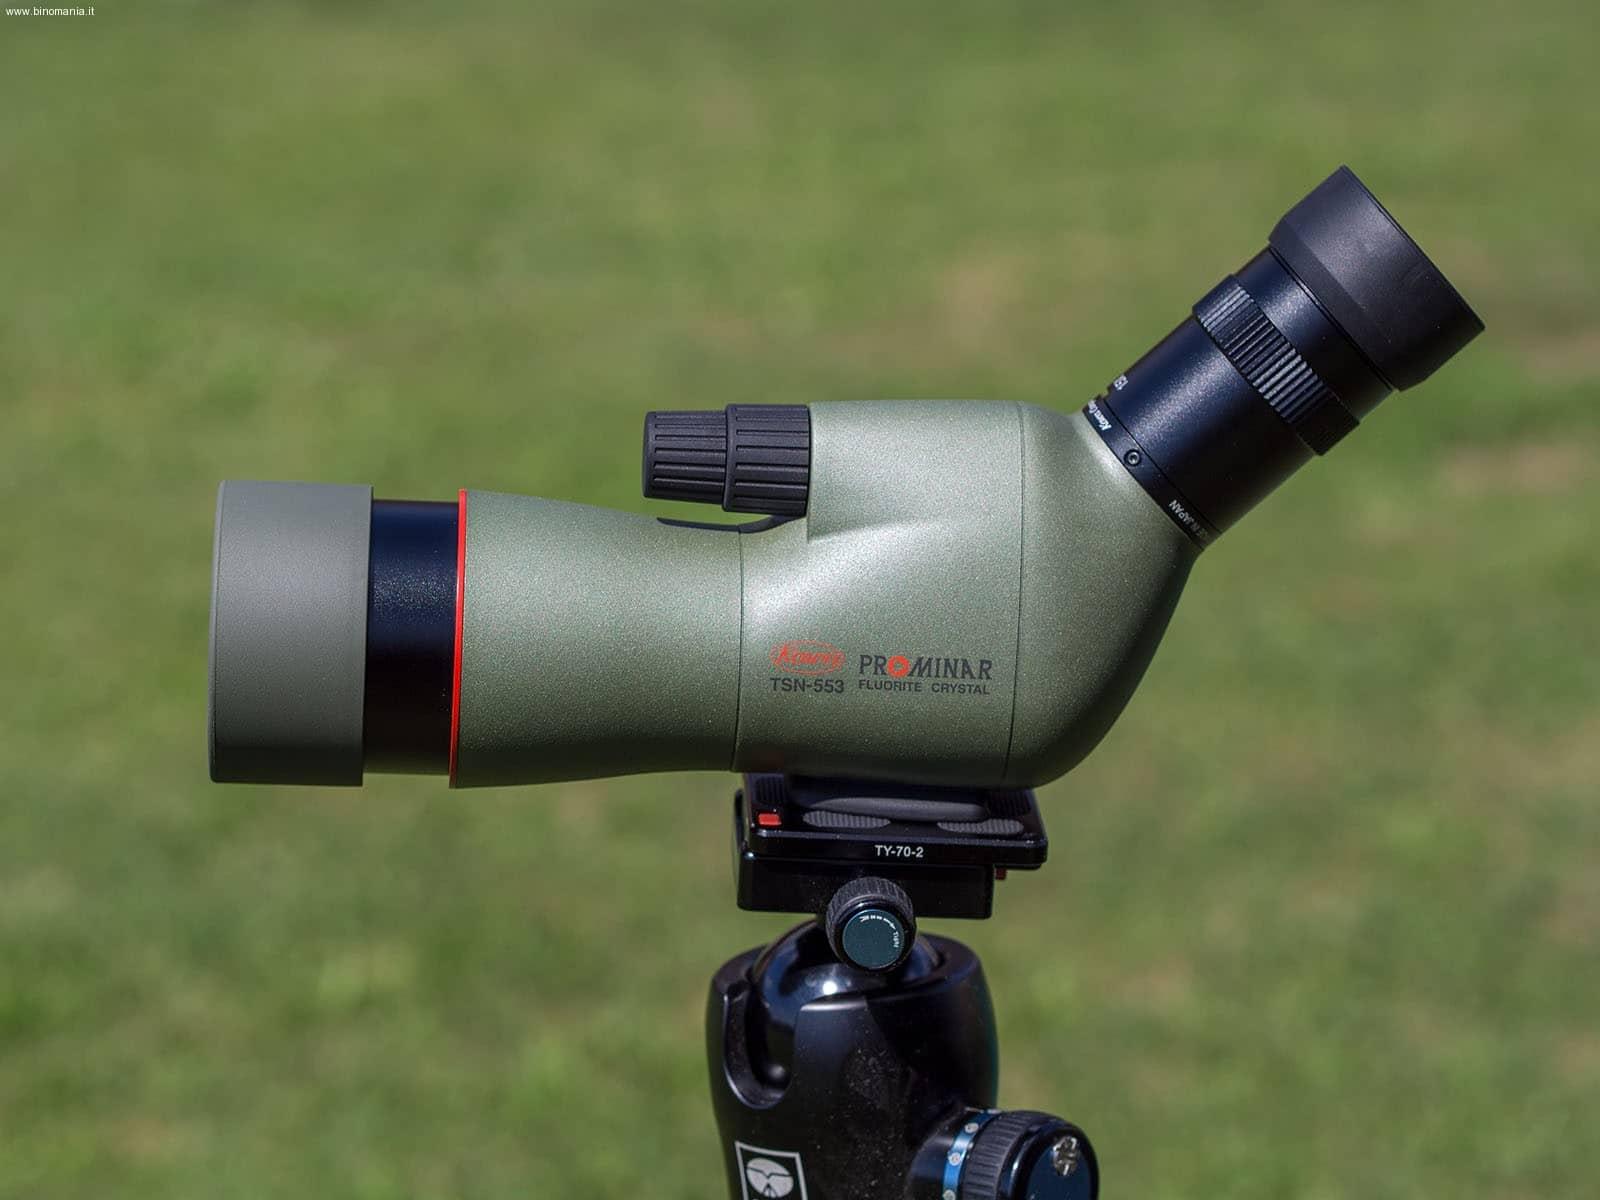 Recensione dello spotting scope Kowa TSN-553 Prominar